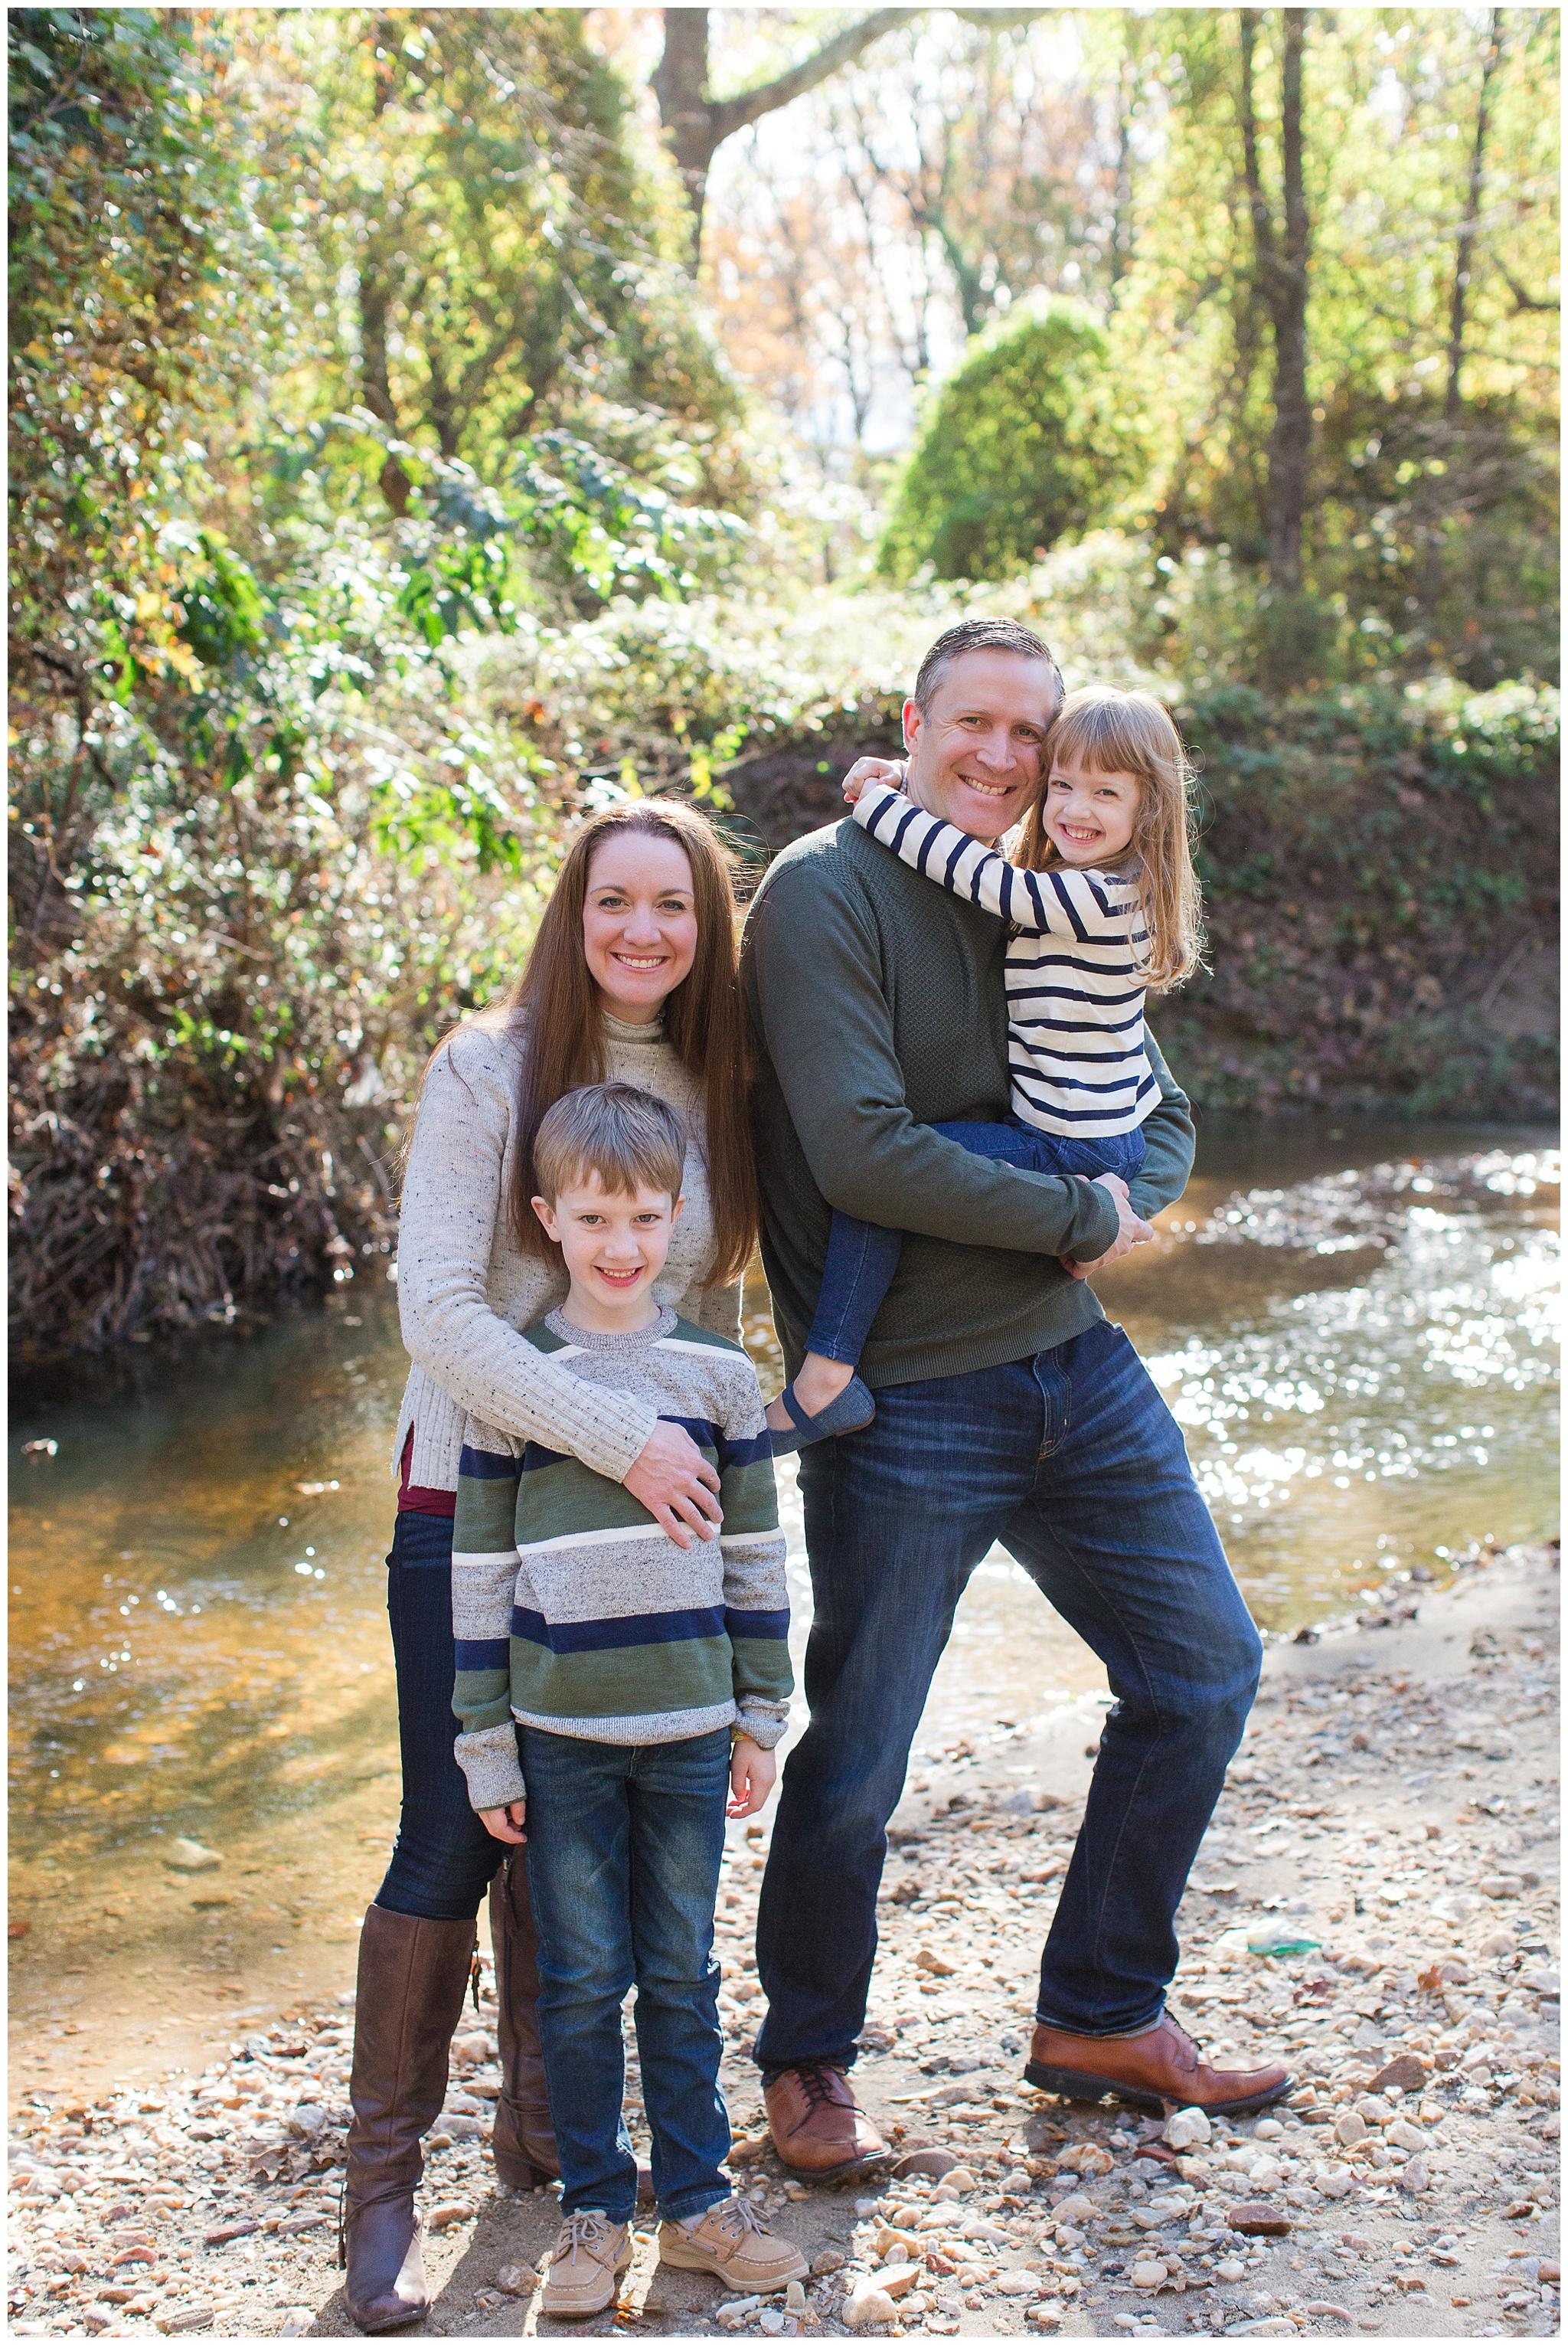 Holleran_familyphotos_0026.jpg